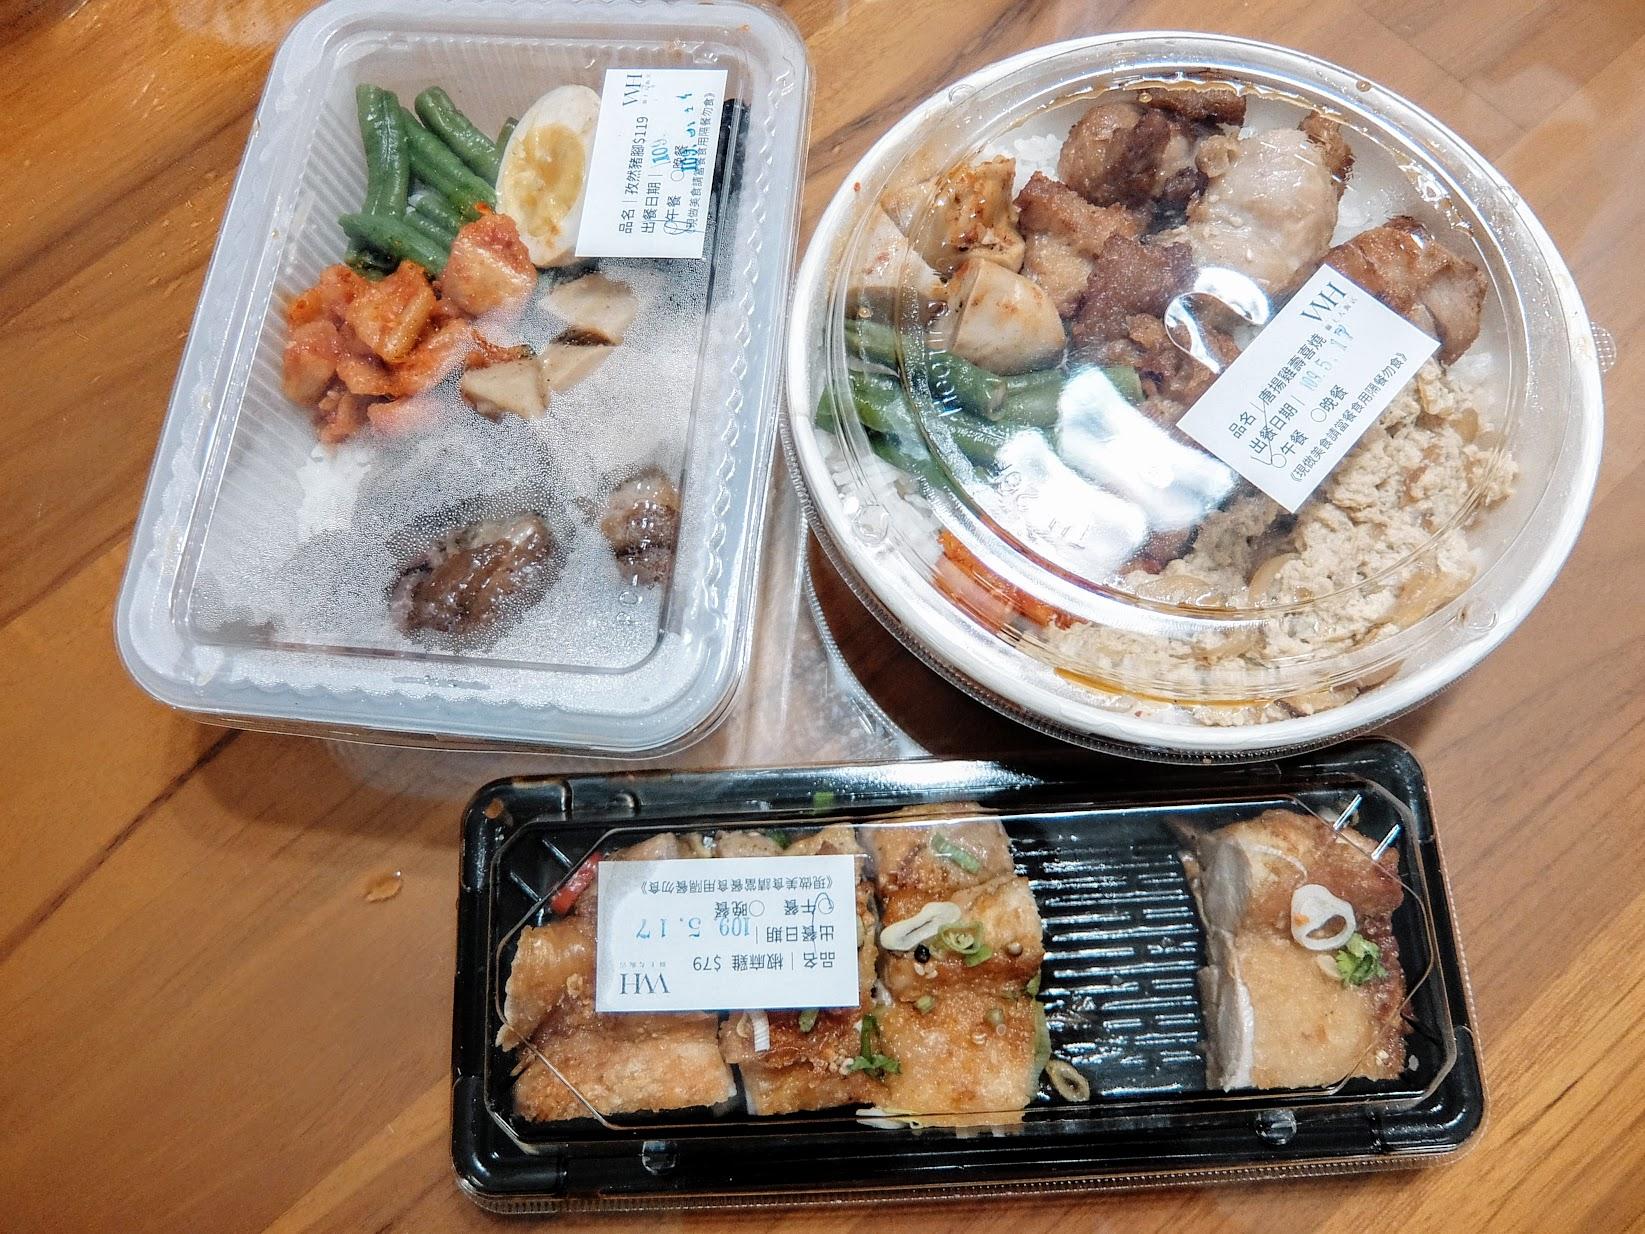 高雄-左營-晶綺盛宴-外帶餐盒-聯上大飯店